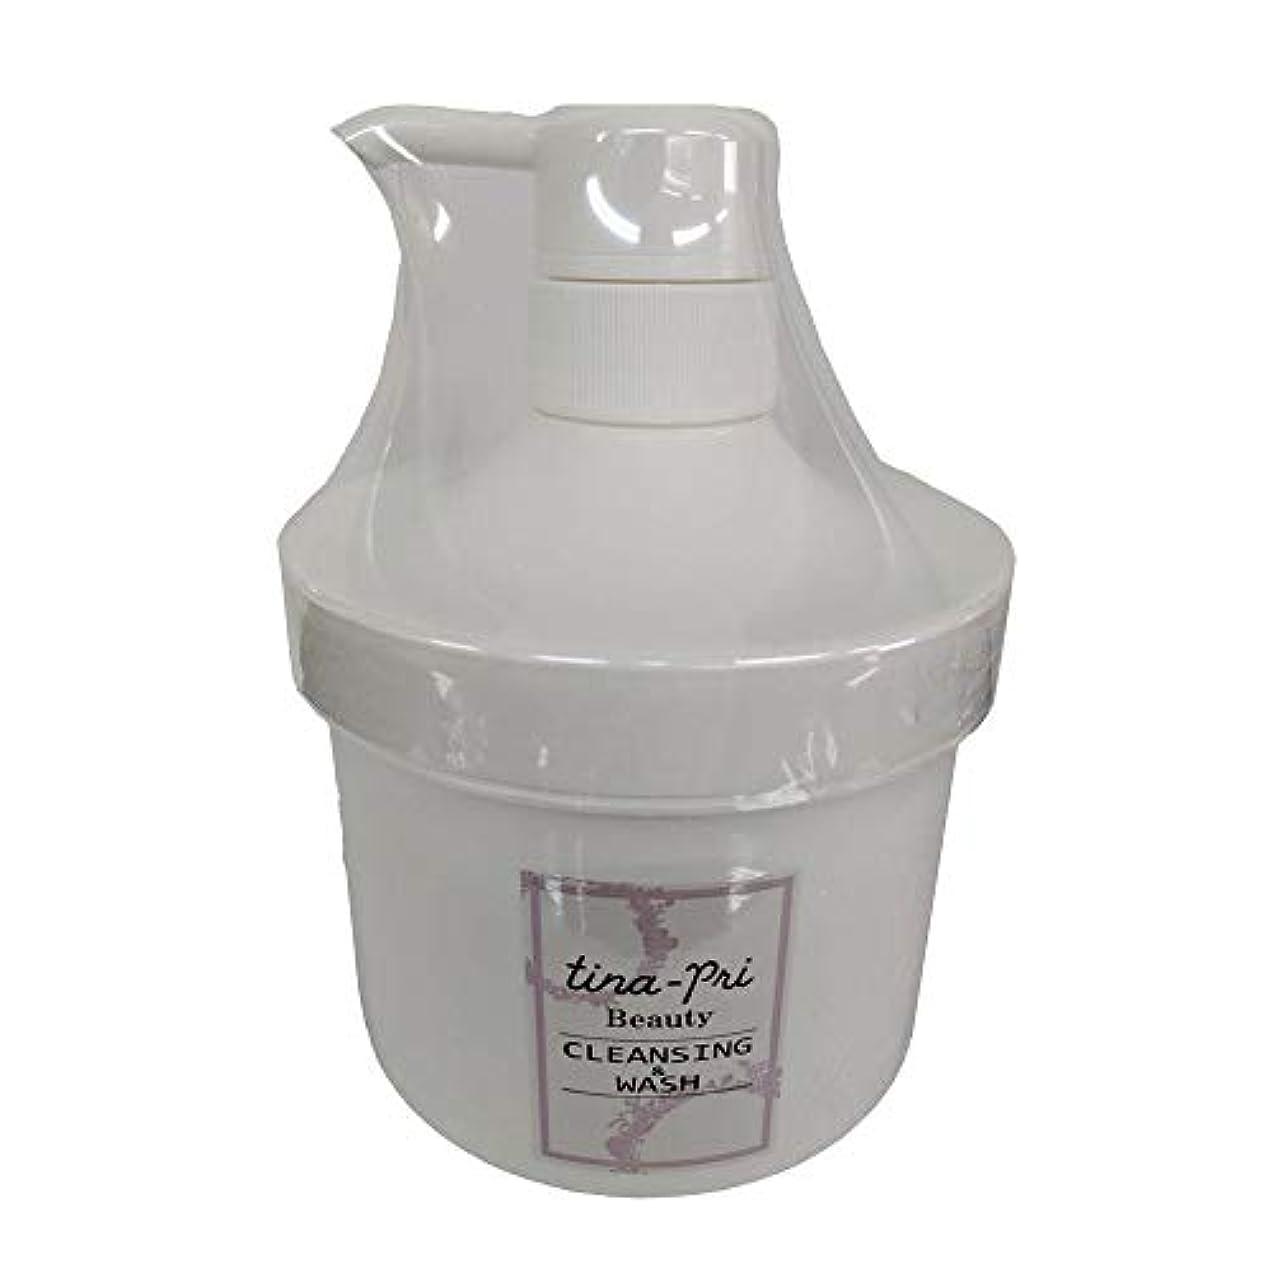 皮グレー消毒するティナプリビューティ 基礎化粧品シリーズ クレンジング&ウォッシュ 500g(業務タイプ)